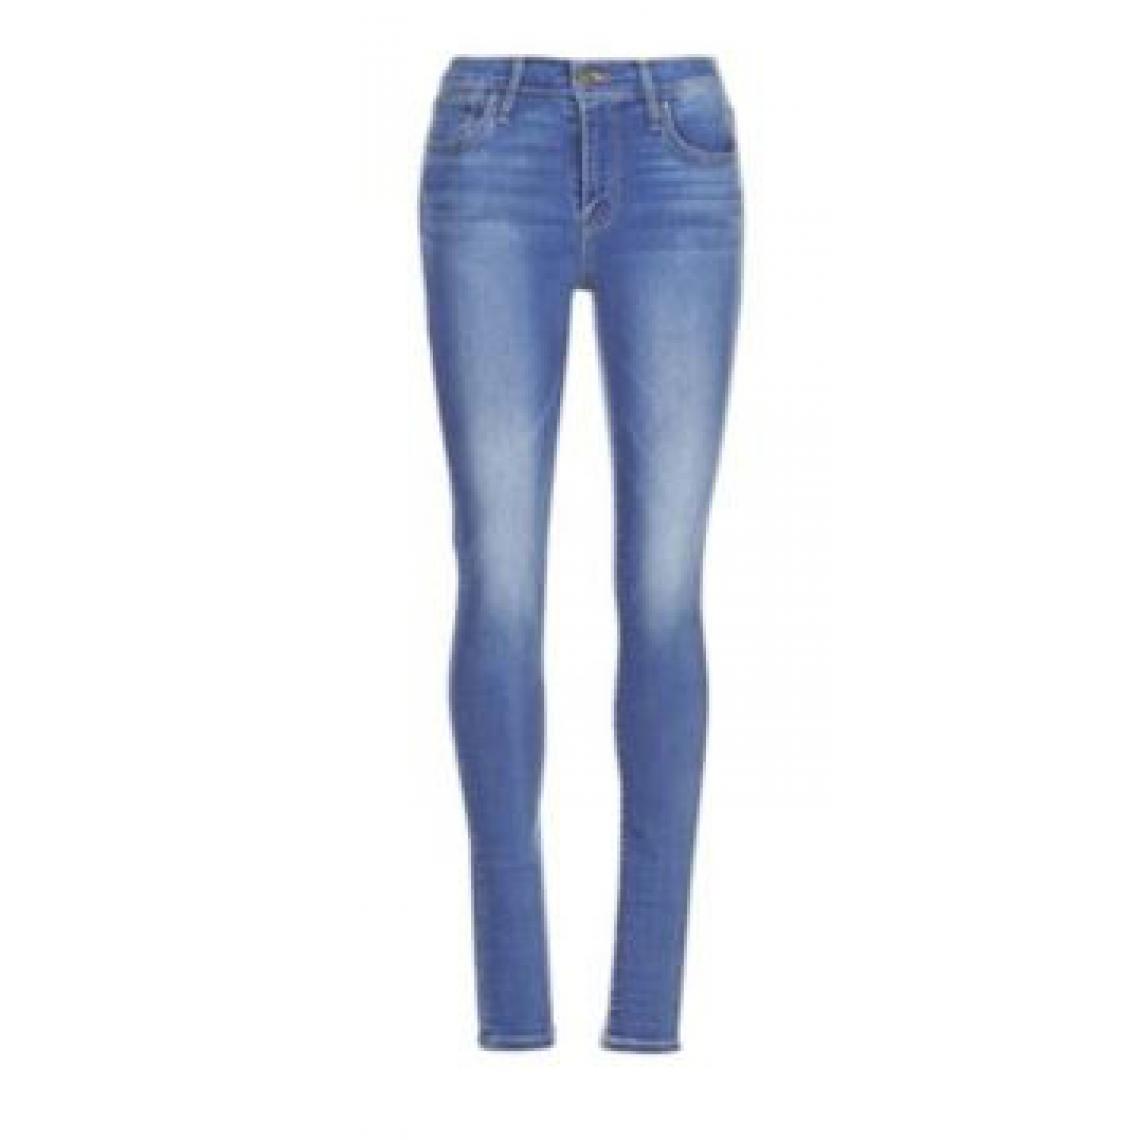 Jean skinny taille haute Levi's bleu 1 Avis Plus de détails